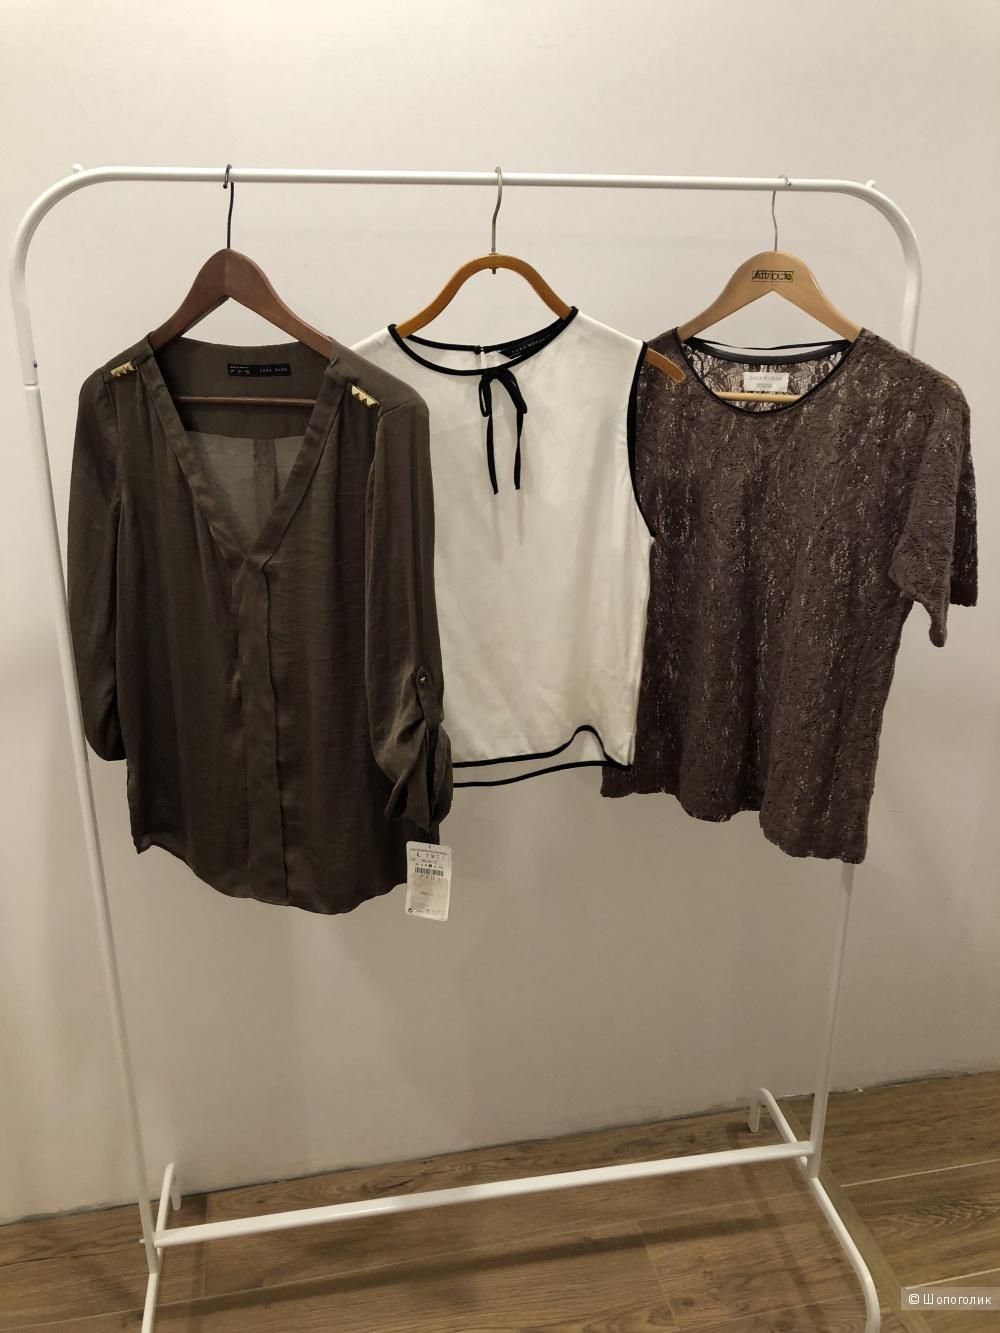 Сет из 3 вещей, Zara, размер L